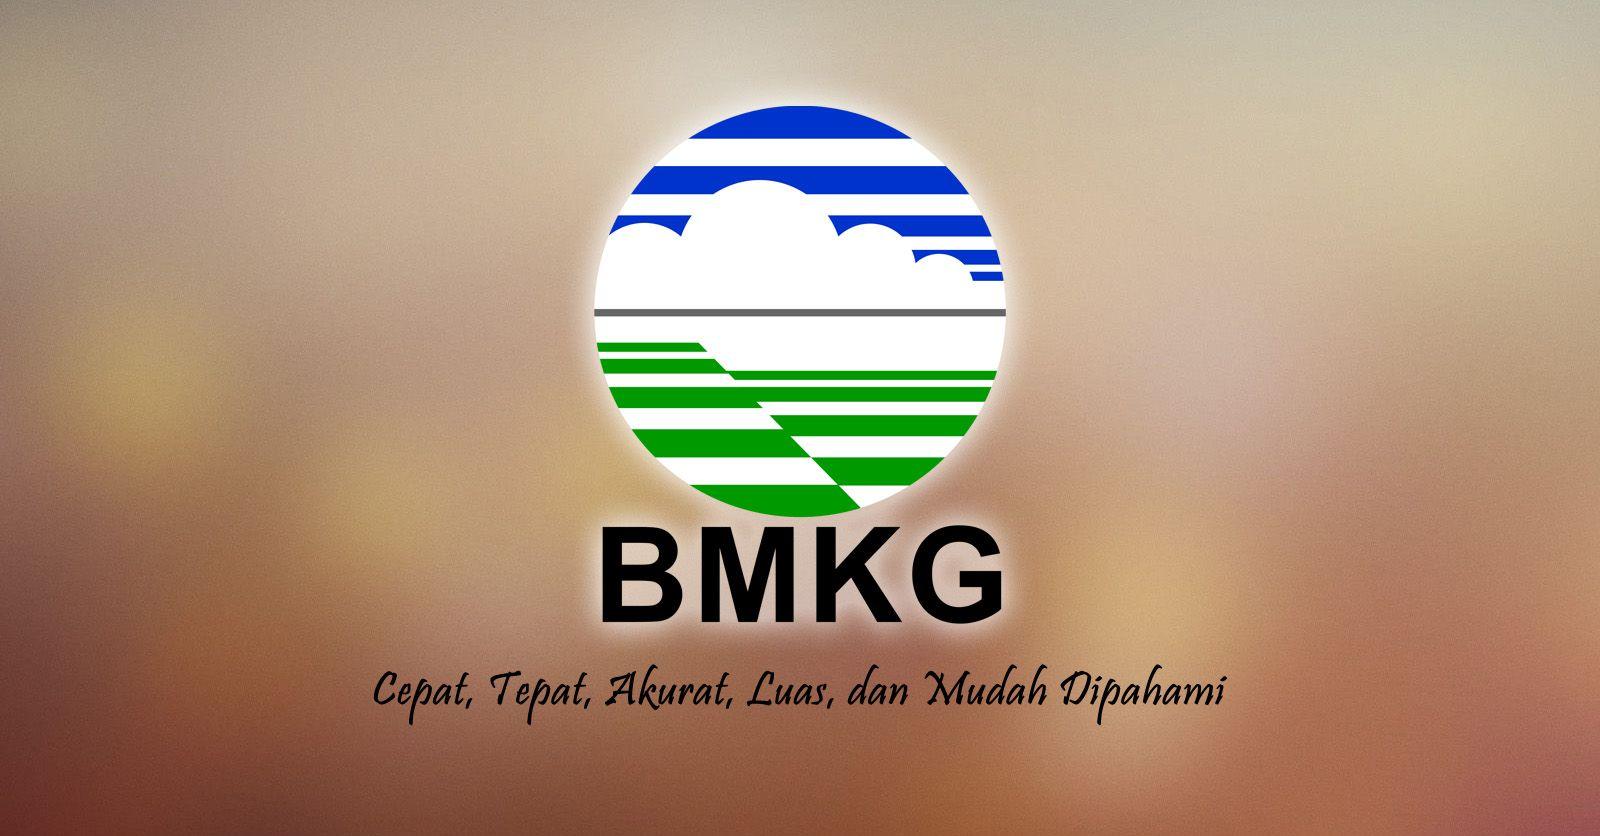 BMKG: Waspada Potensi Gelombang Tinggi, Aceh Termasuk Tinggi Curah Hujannya